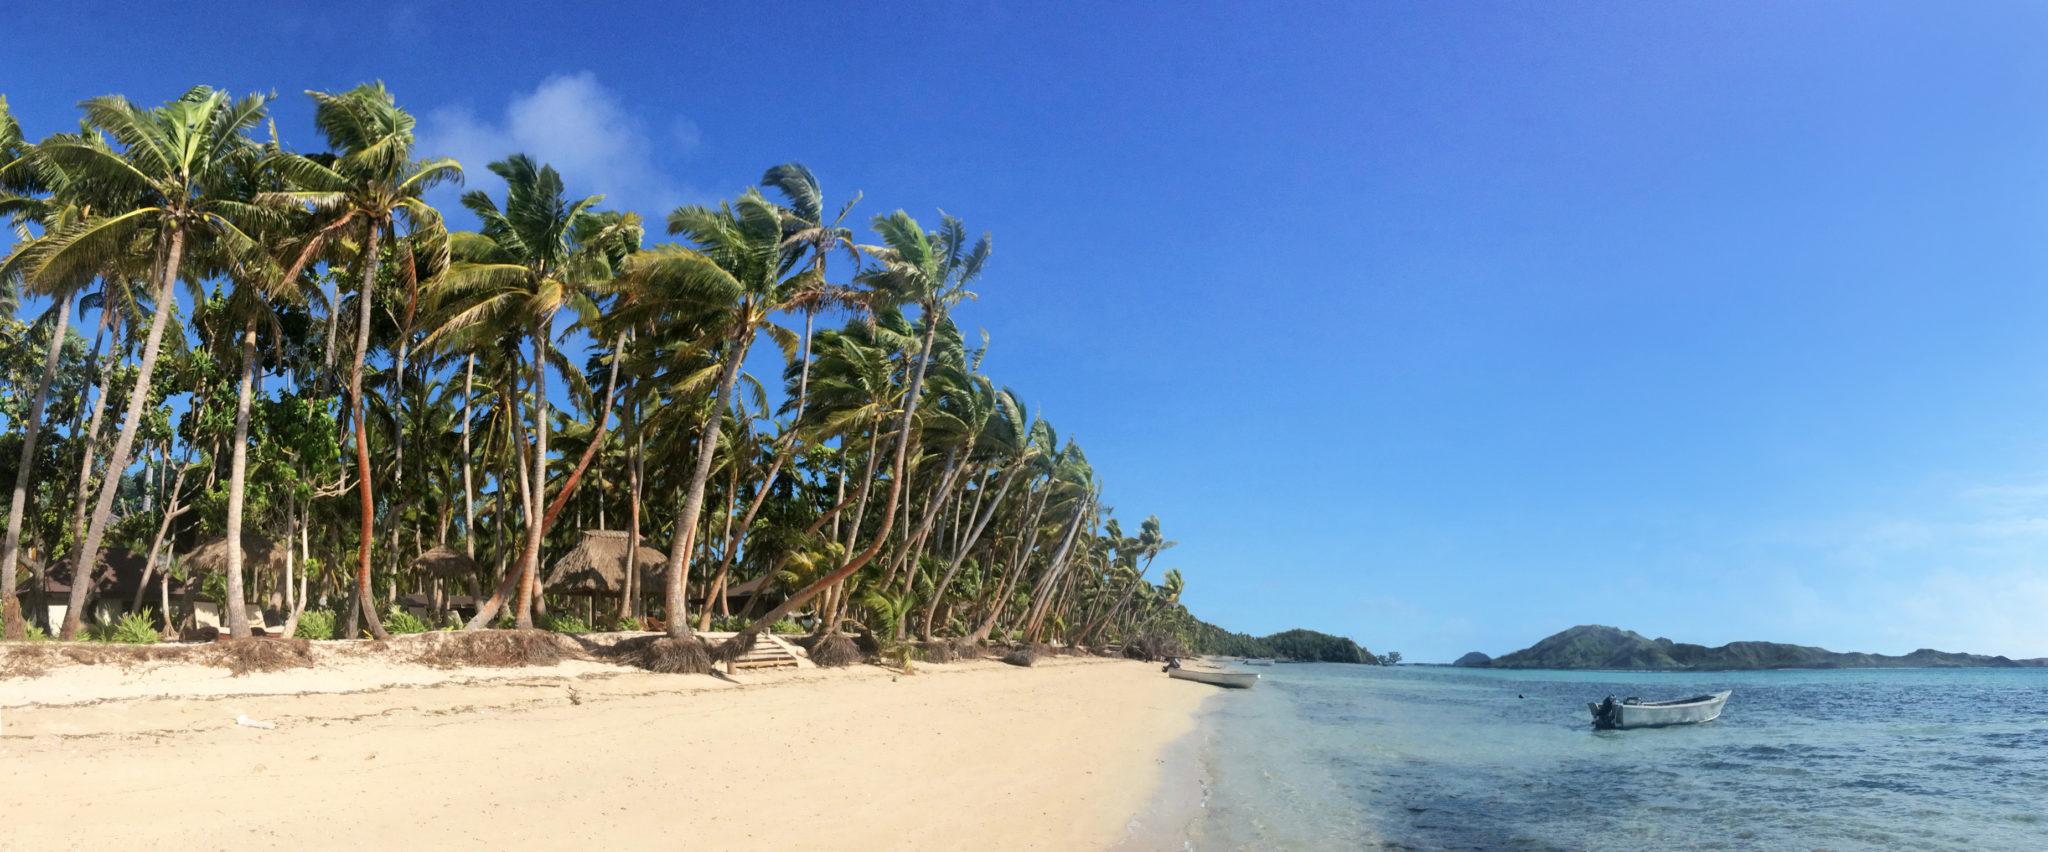 Fiji-yacht-charter-beach